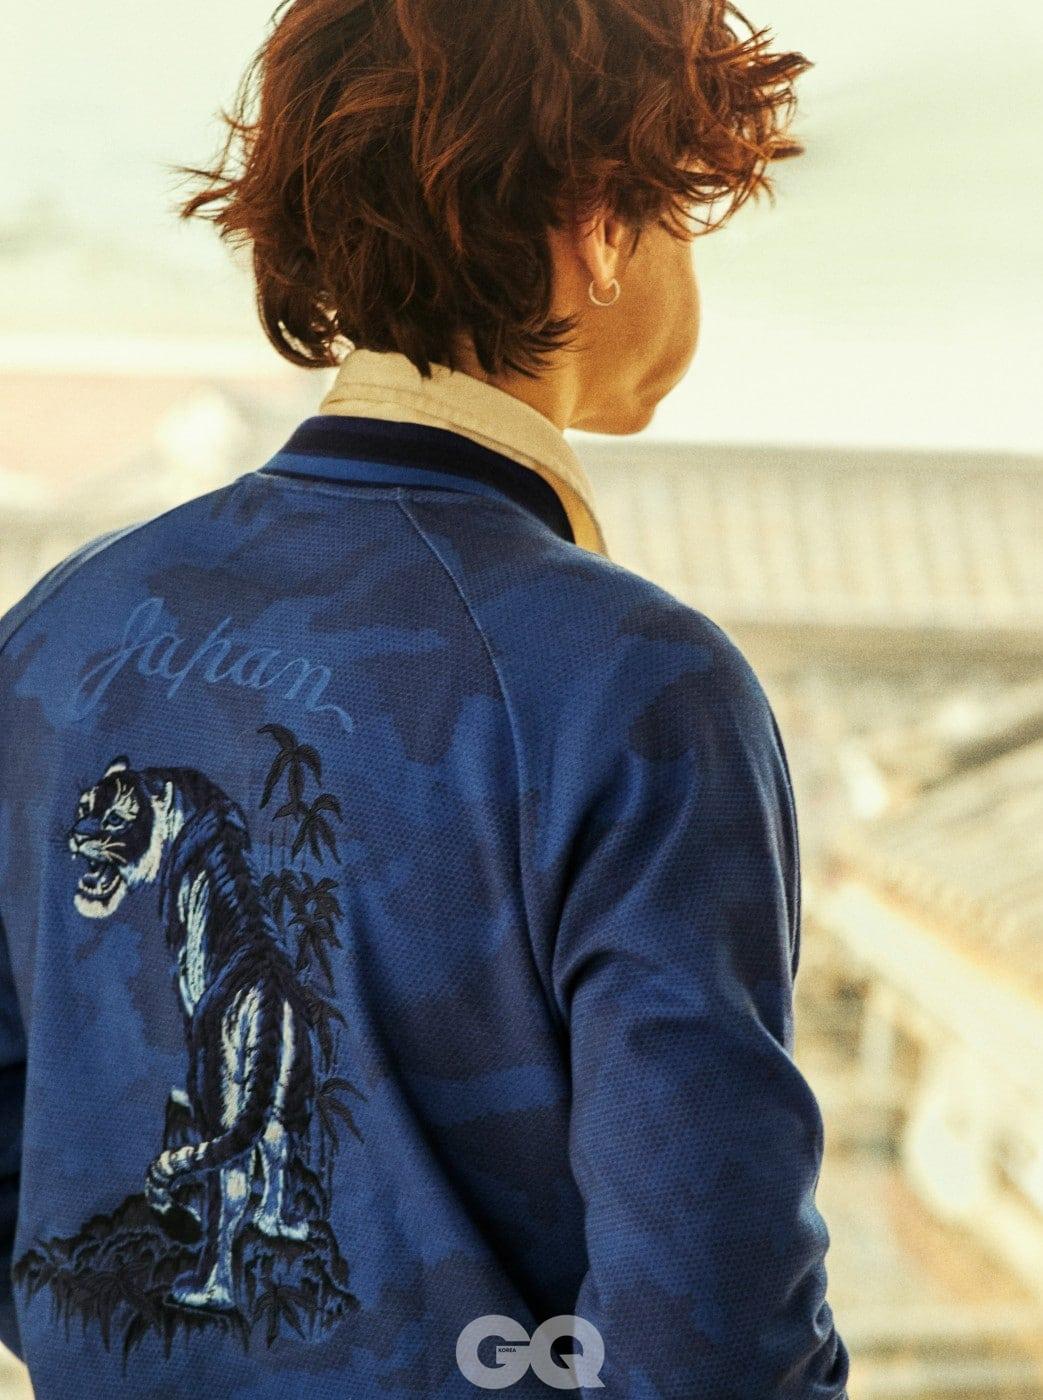 럭비 티셔츠 16만9천원, 호랑이 자수 장식 면 블루종 29만9천원, 모두 폴로 랄프 로렌.